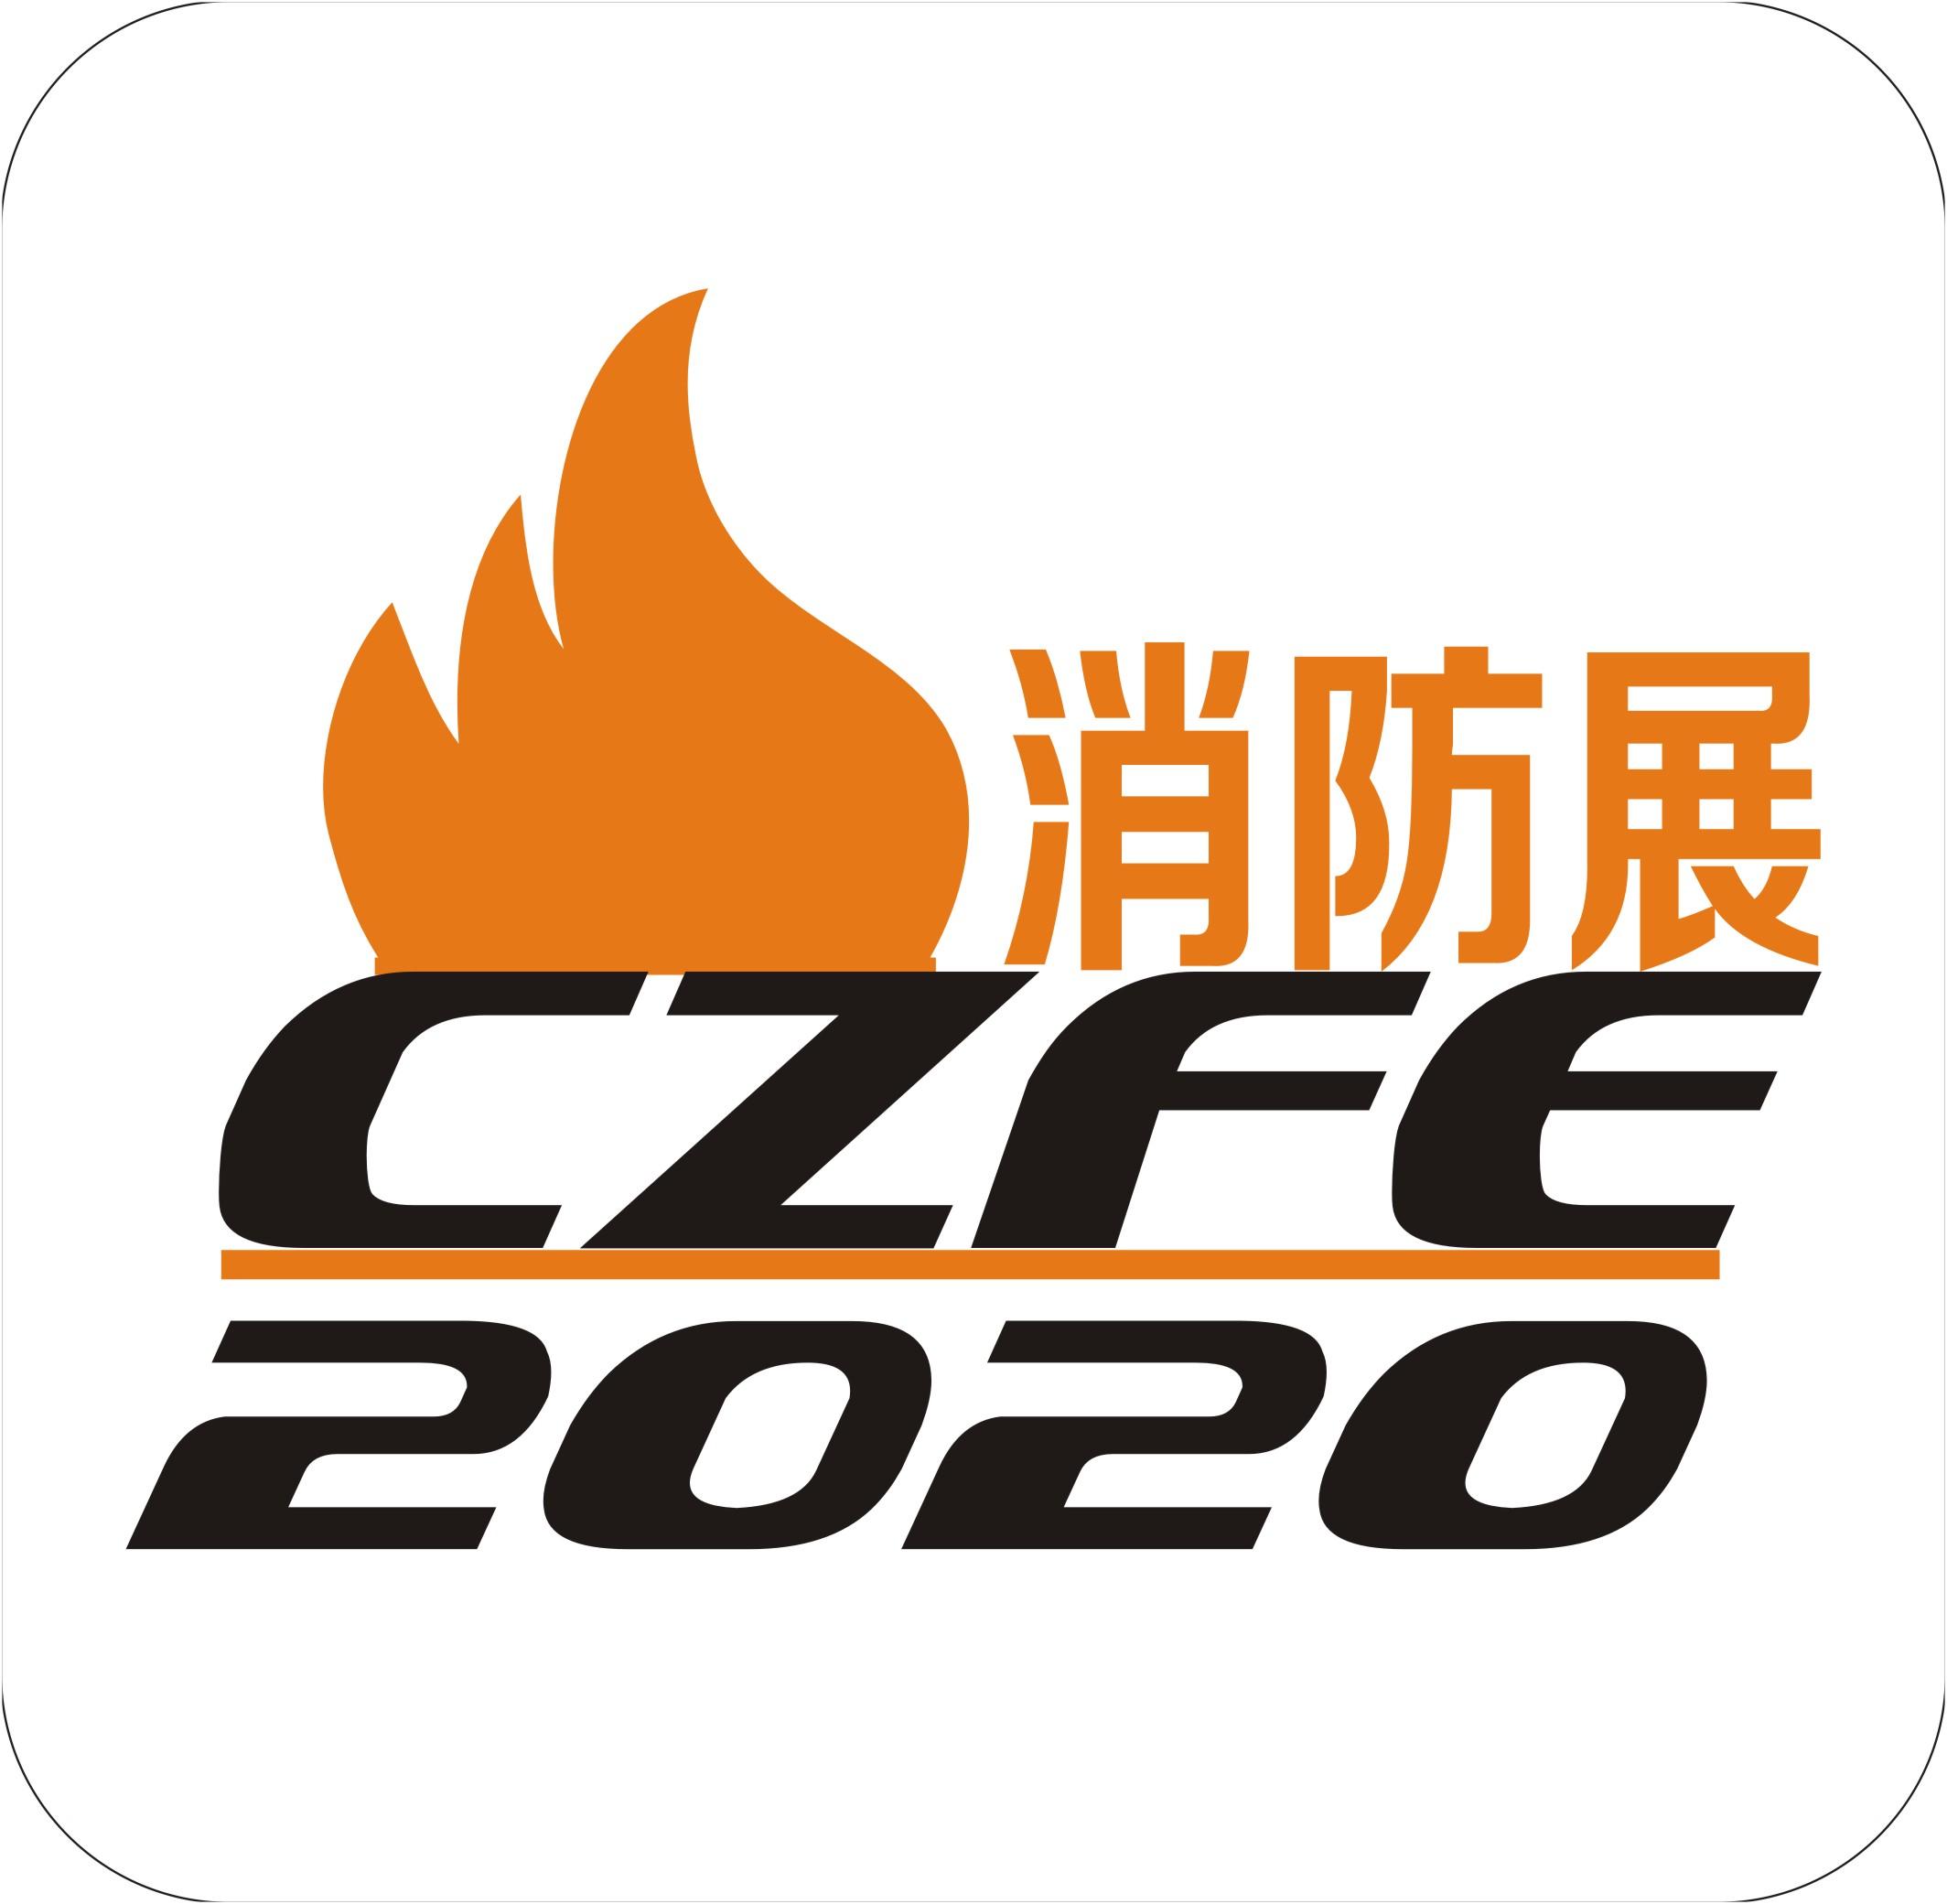 2020年第11届郑州国际消防展-火爆招展